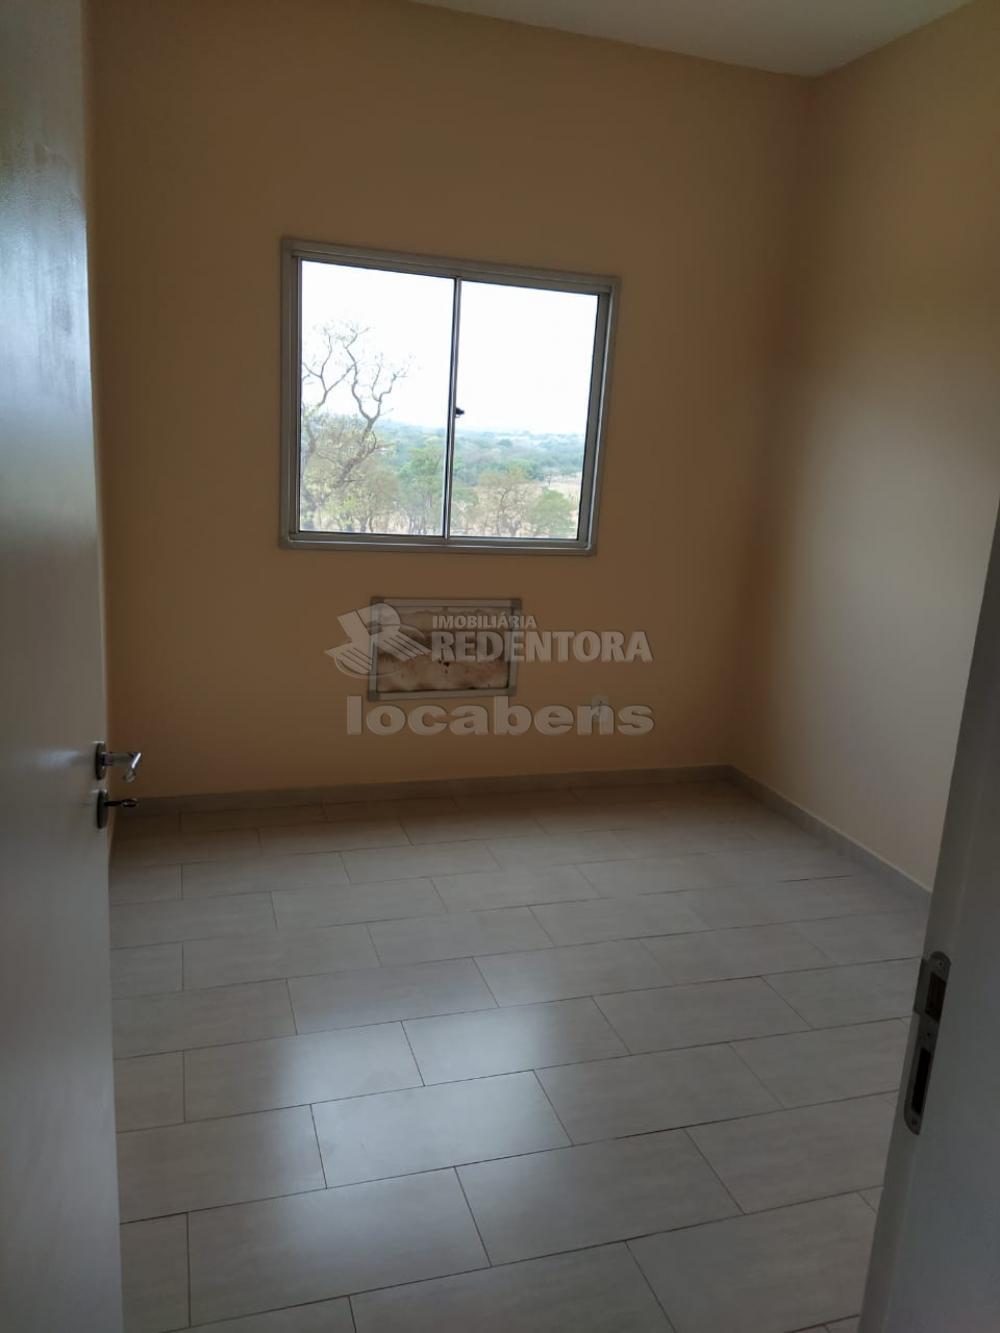 Comprar Apartamento / Padrão em São José do Rio Preto apenas R$ 155.000,00 - Foto 4